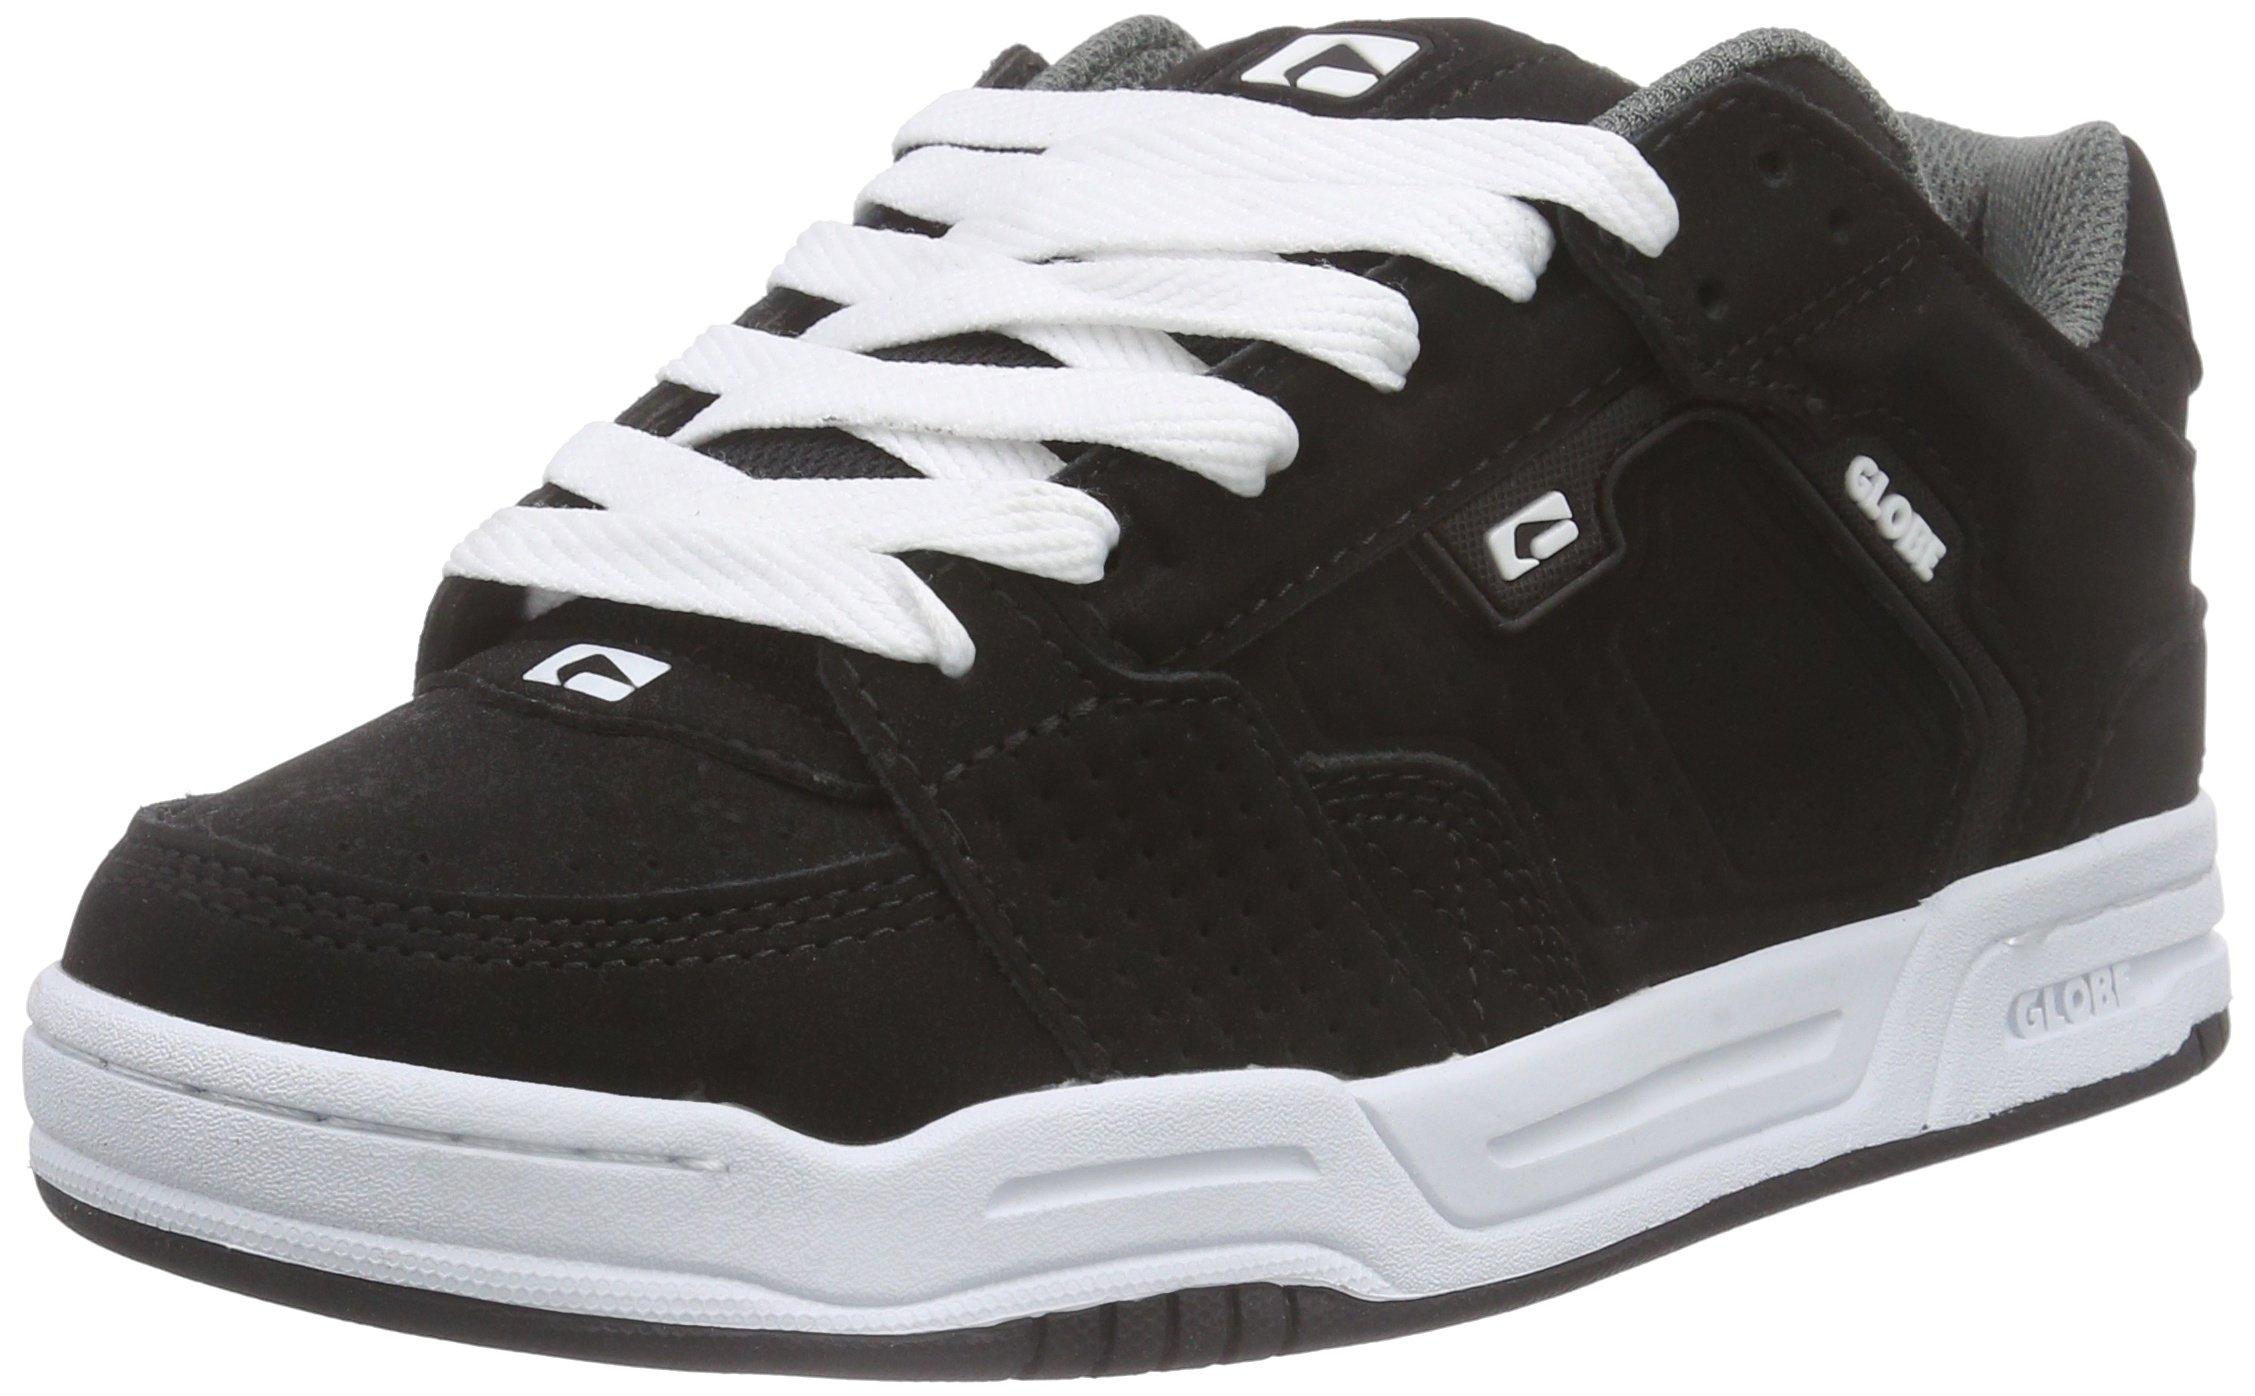 GlobetiltScarpe Ginnastica shoes Neri Sneakers Da Unisex Amazon Basse soxtCBQrdh